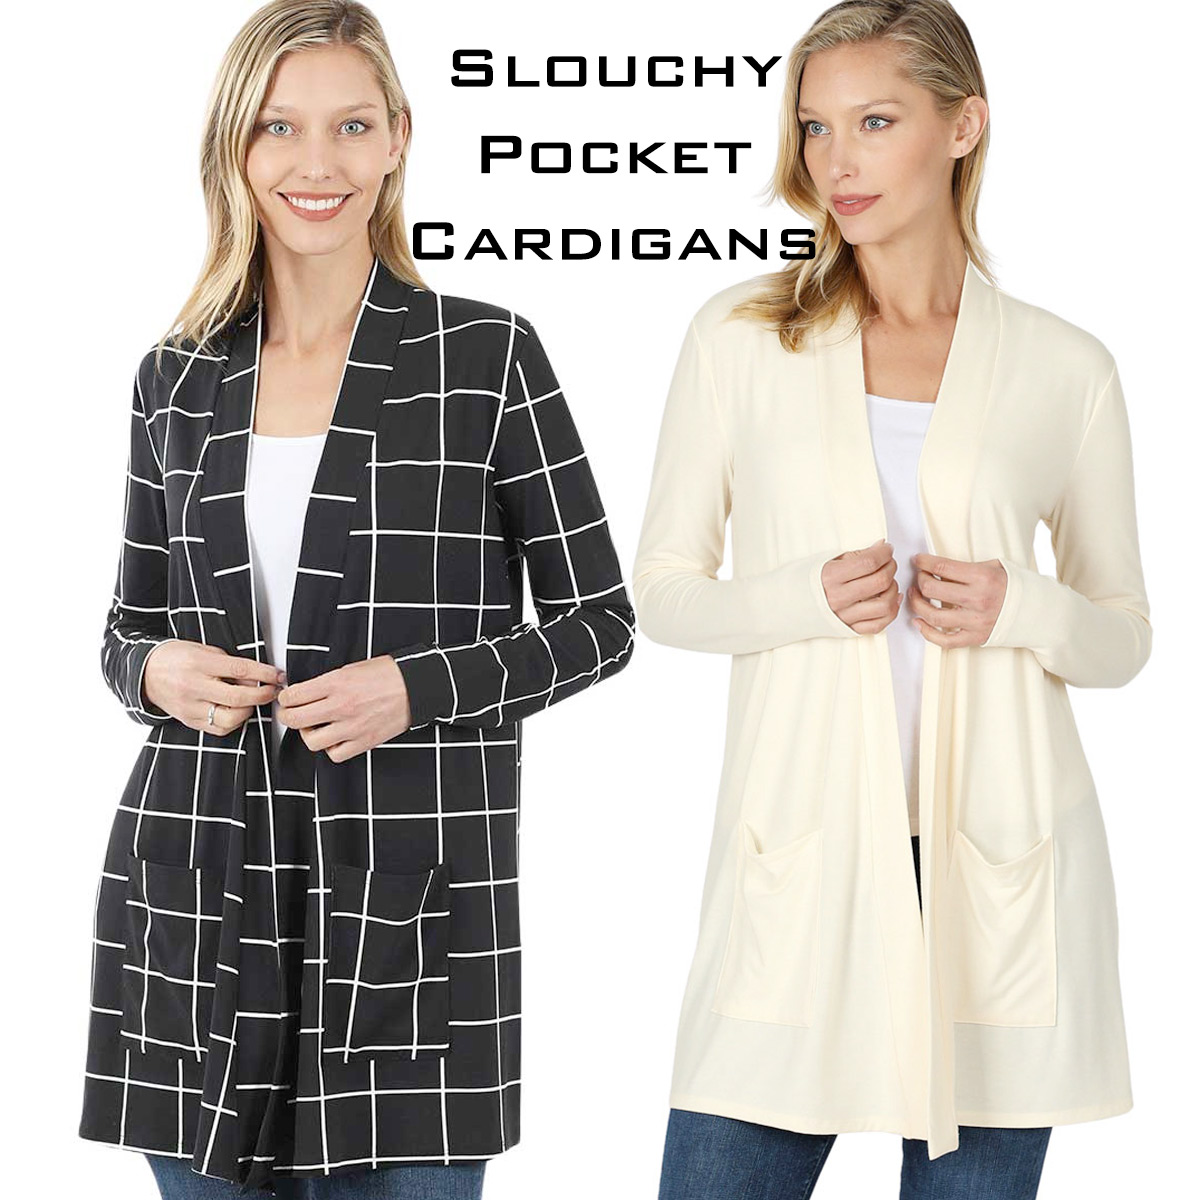 Wholesale Slouchy Pocket Cardigans